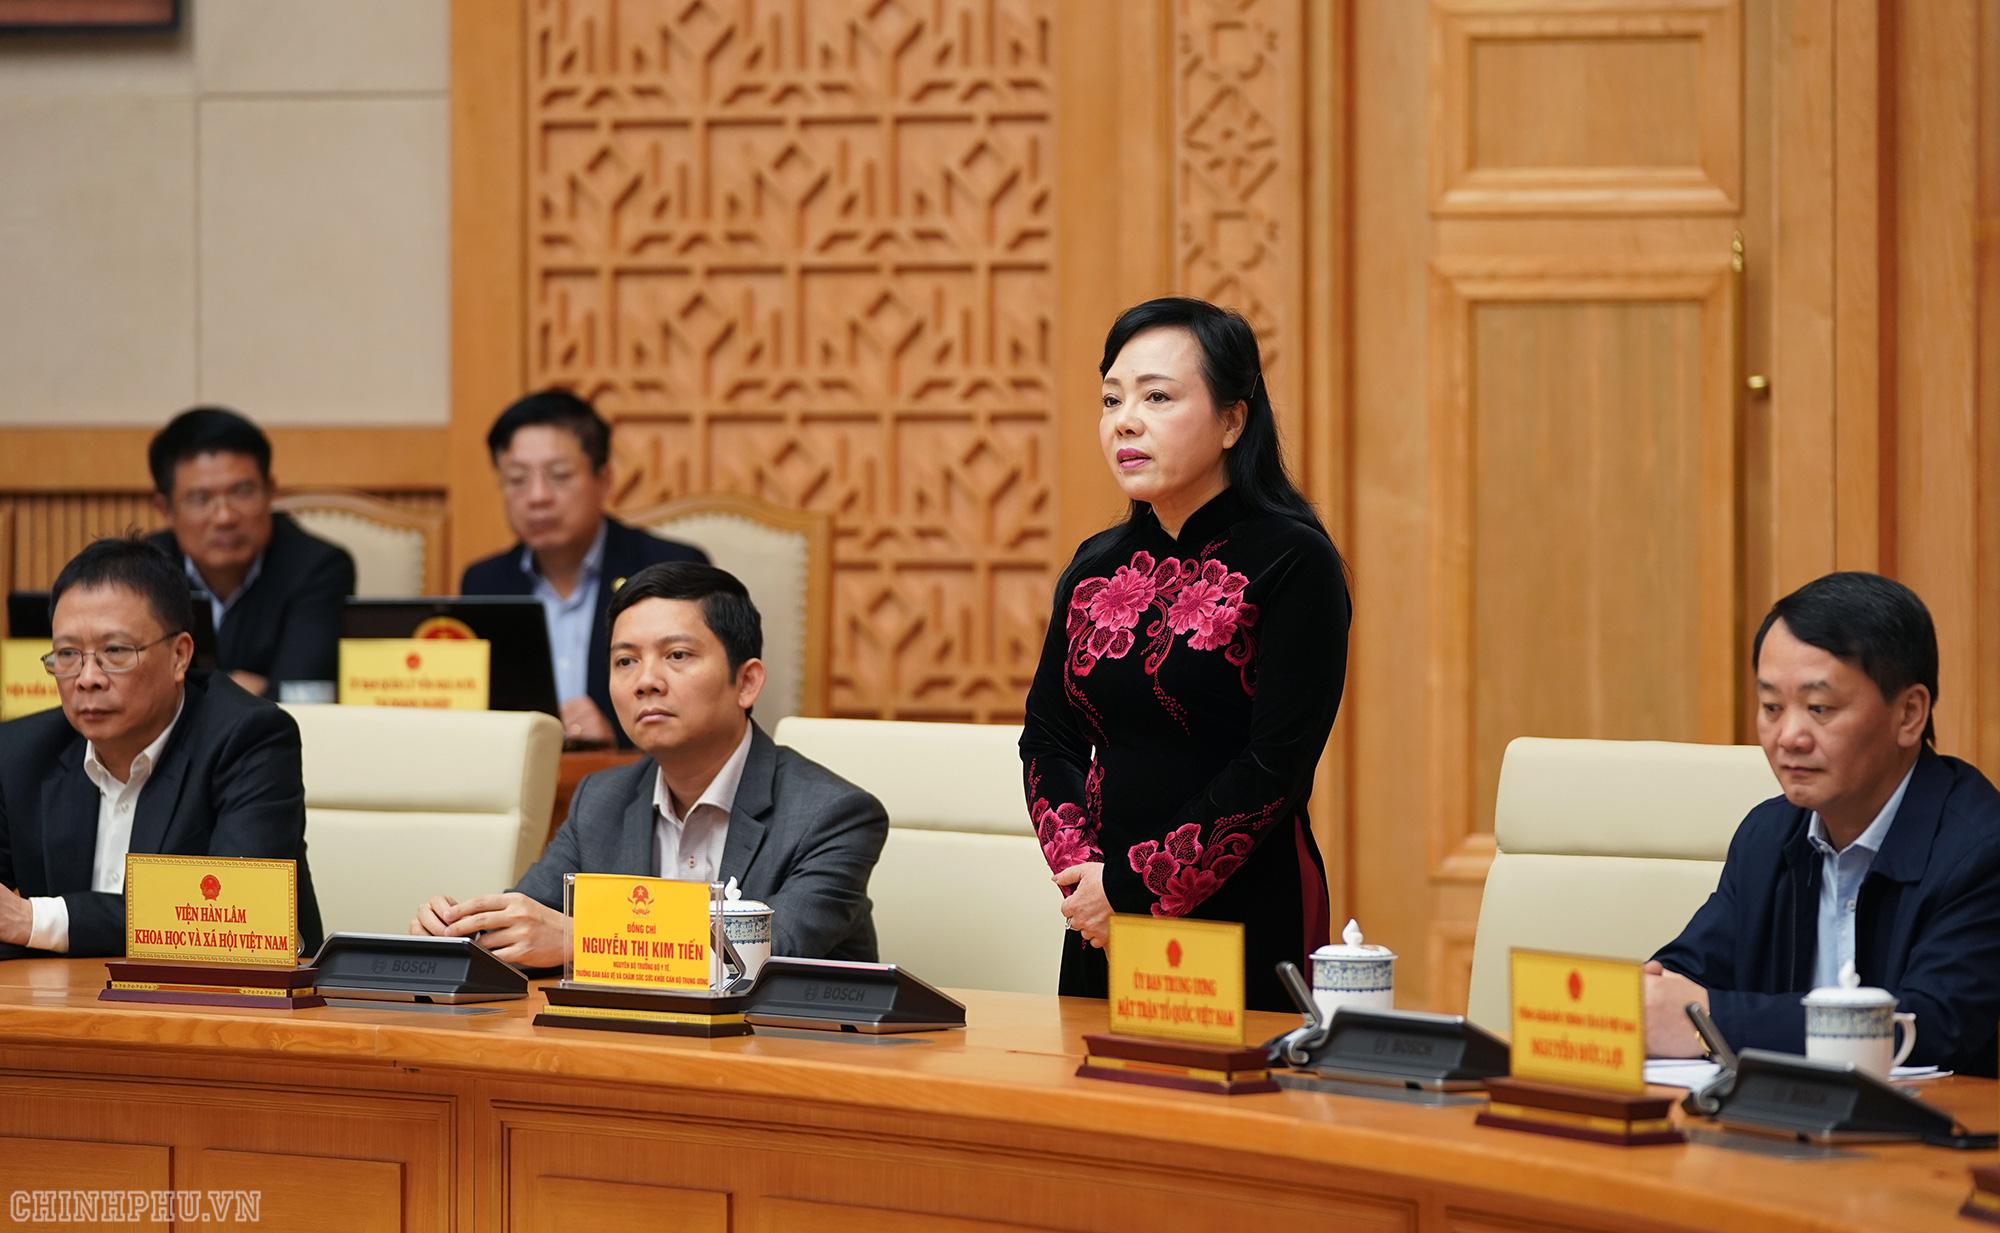 Thủ tướng: Nguyên Bộ trưởng Y tế có nhiều đóng góp cho ngành - Ảnh 2.